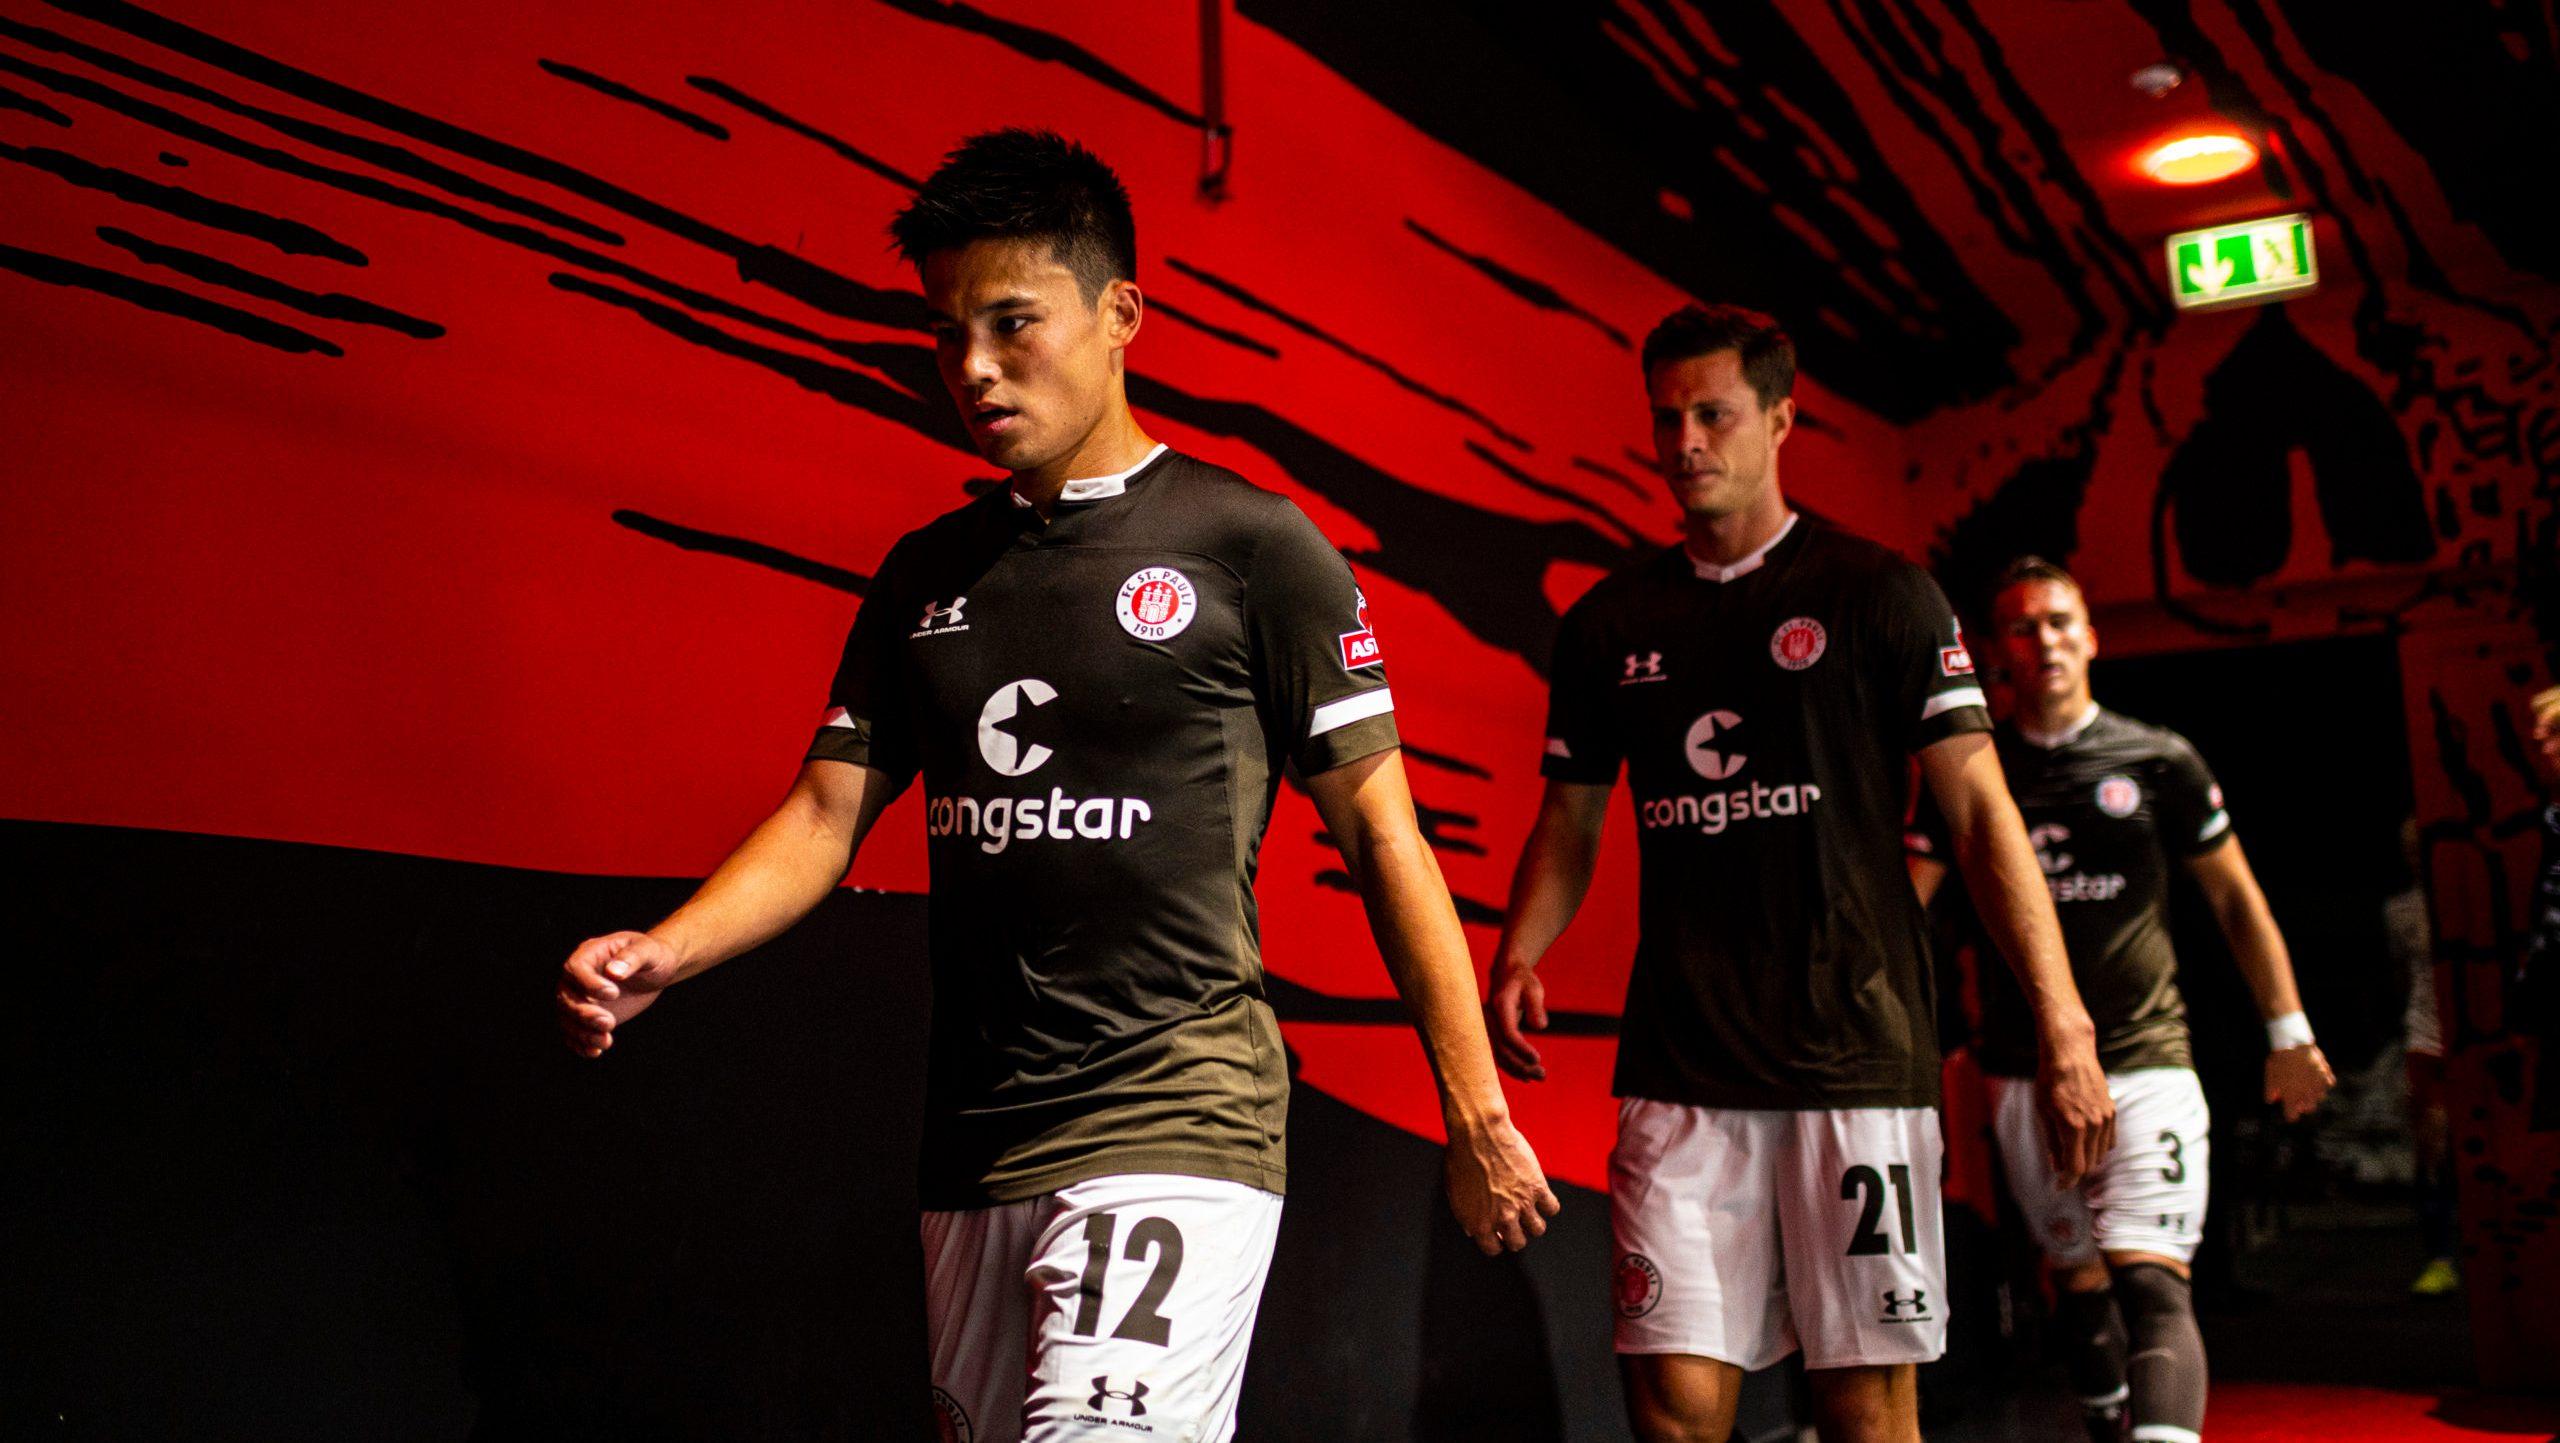 Zwischenbilanz: Der Saisonverlauf des FC St. Pauli